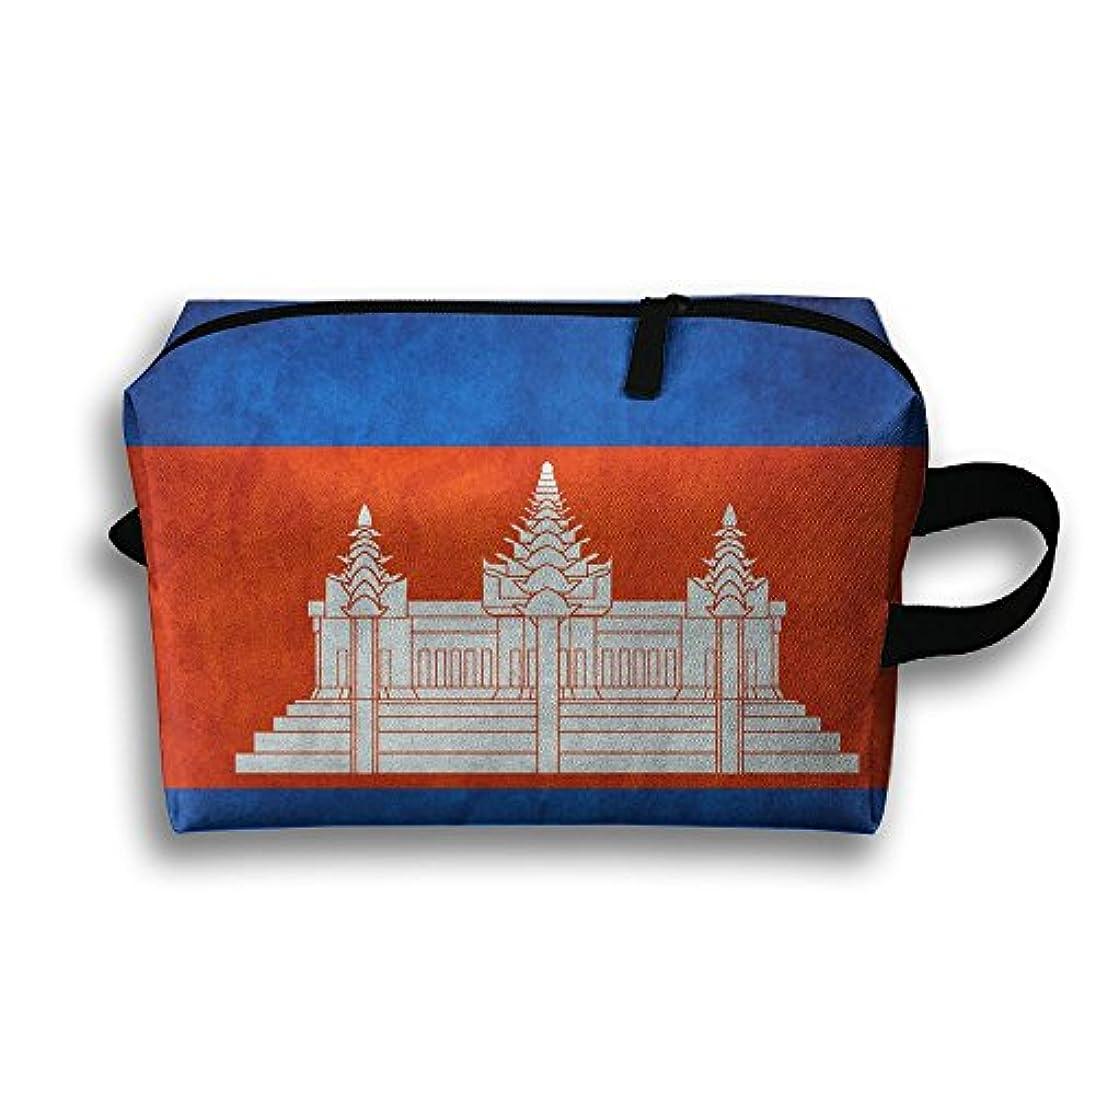 から聞く信号劇的ポーチ カンボジアの国旗 旅行用化粧品バッグ スマホアクセサリー ホテル PC周辺小物整理 小物入れ 大容量 軽量 収納 White